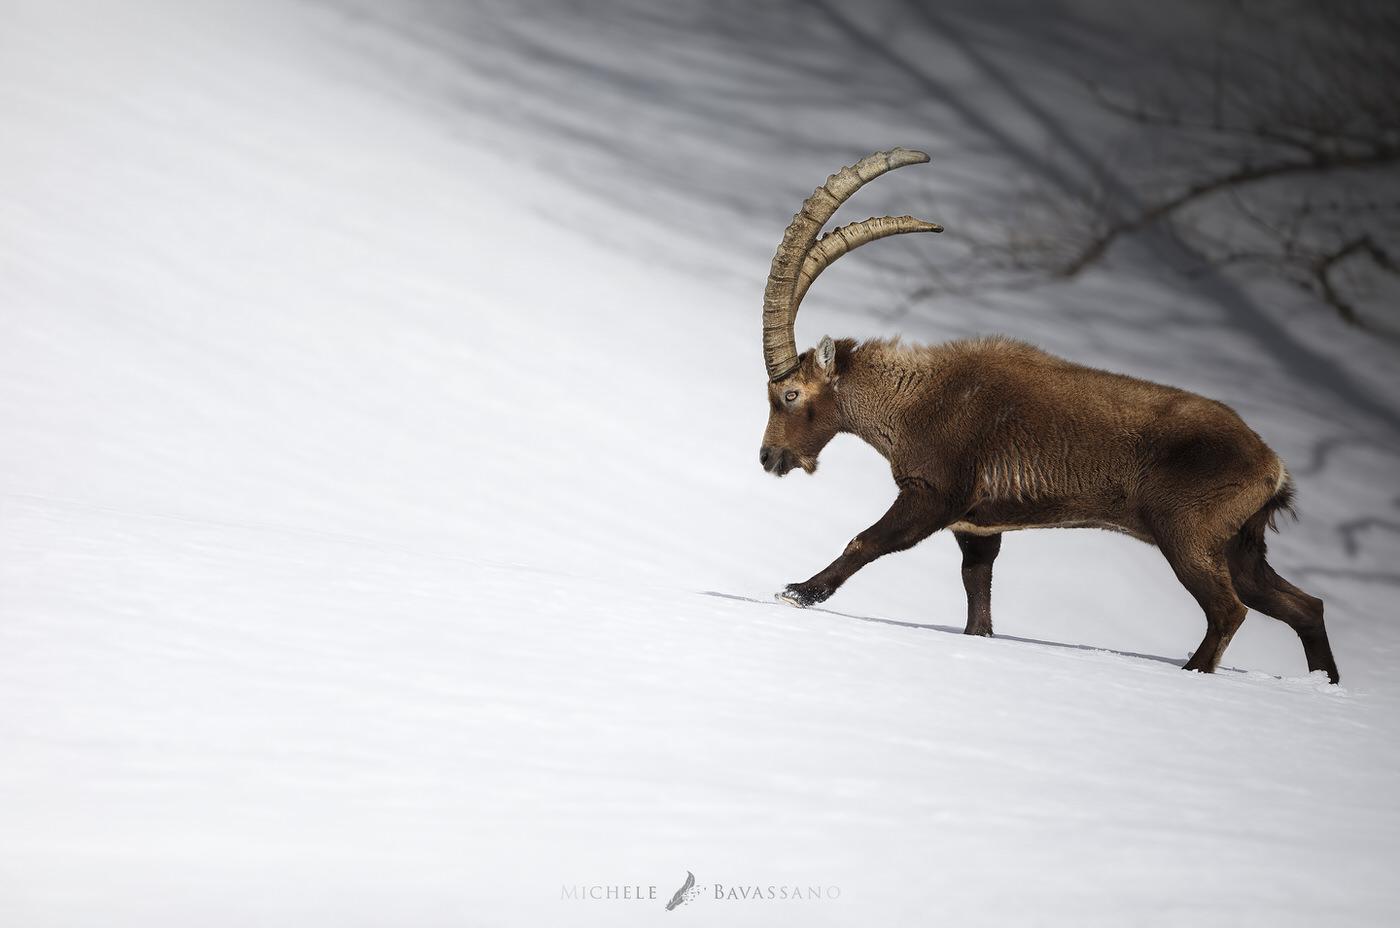 fotografia naturalistica stambecco parco nazionale del gran paradiso - Michele Bavassano